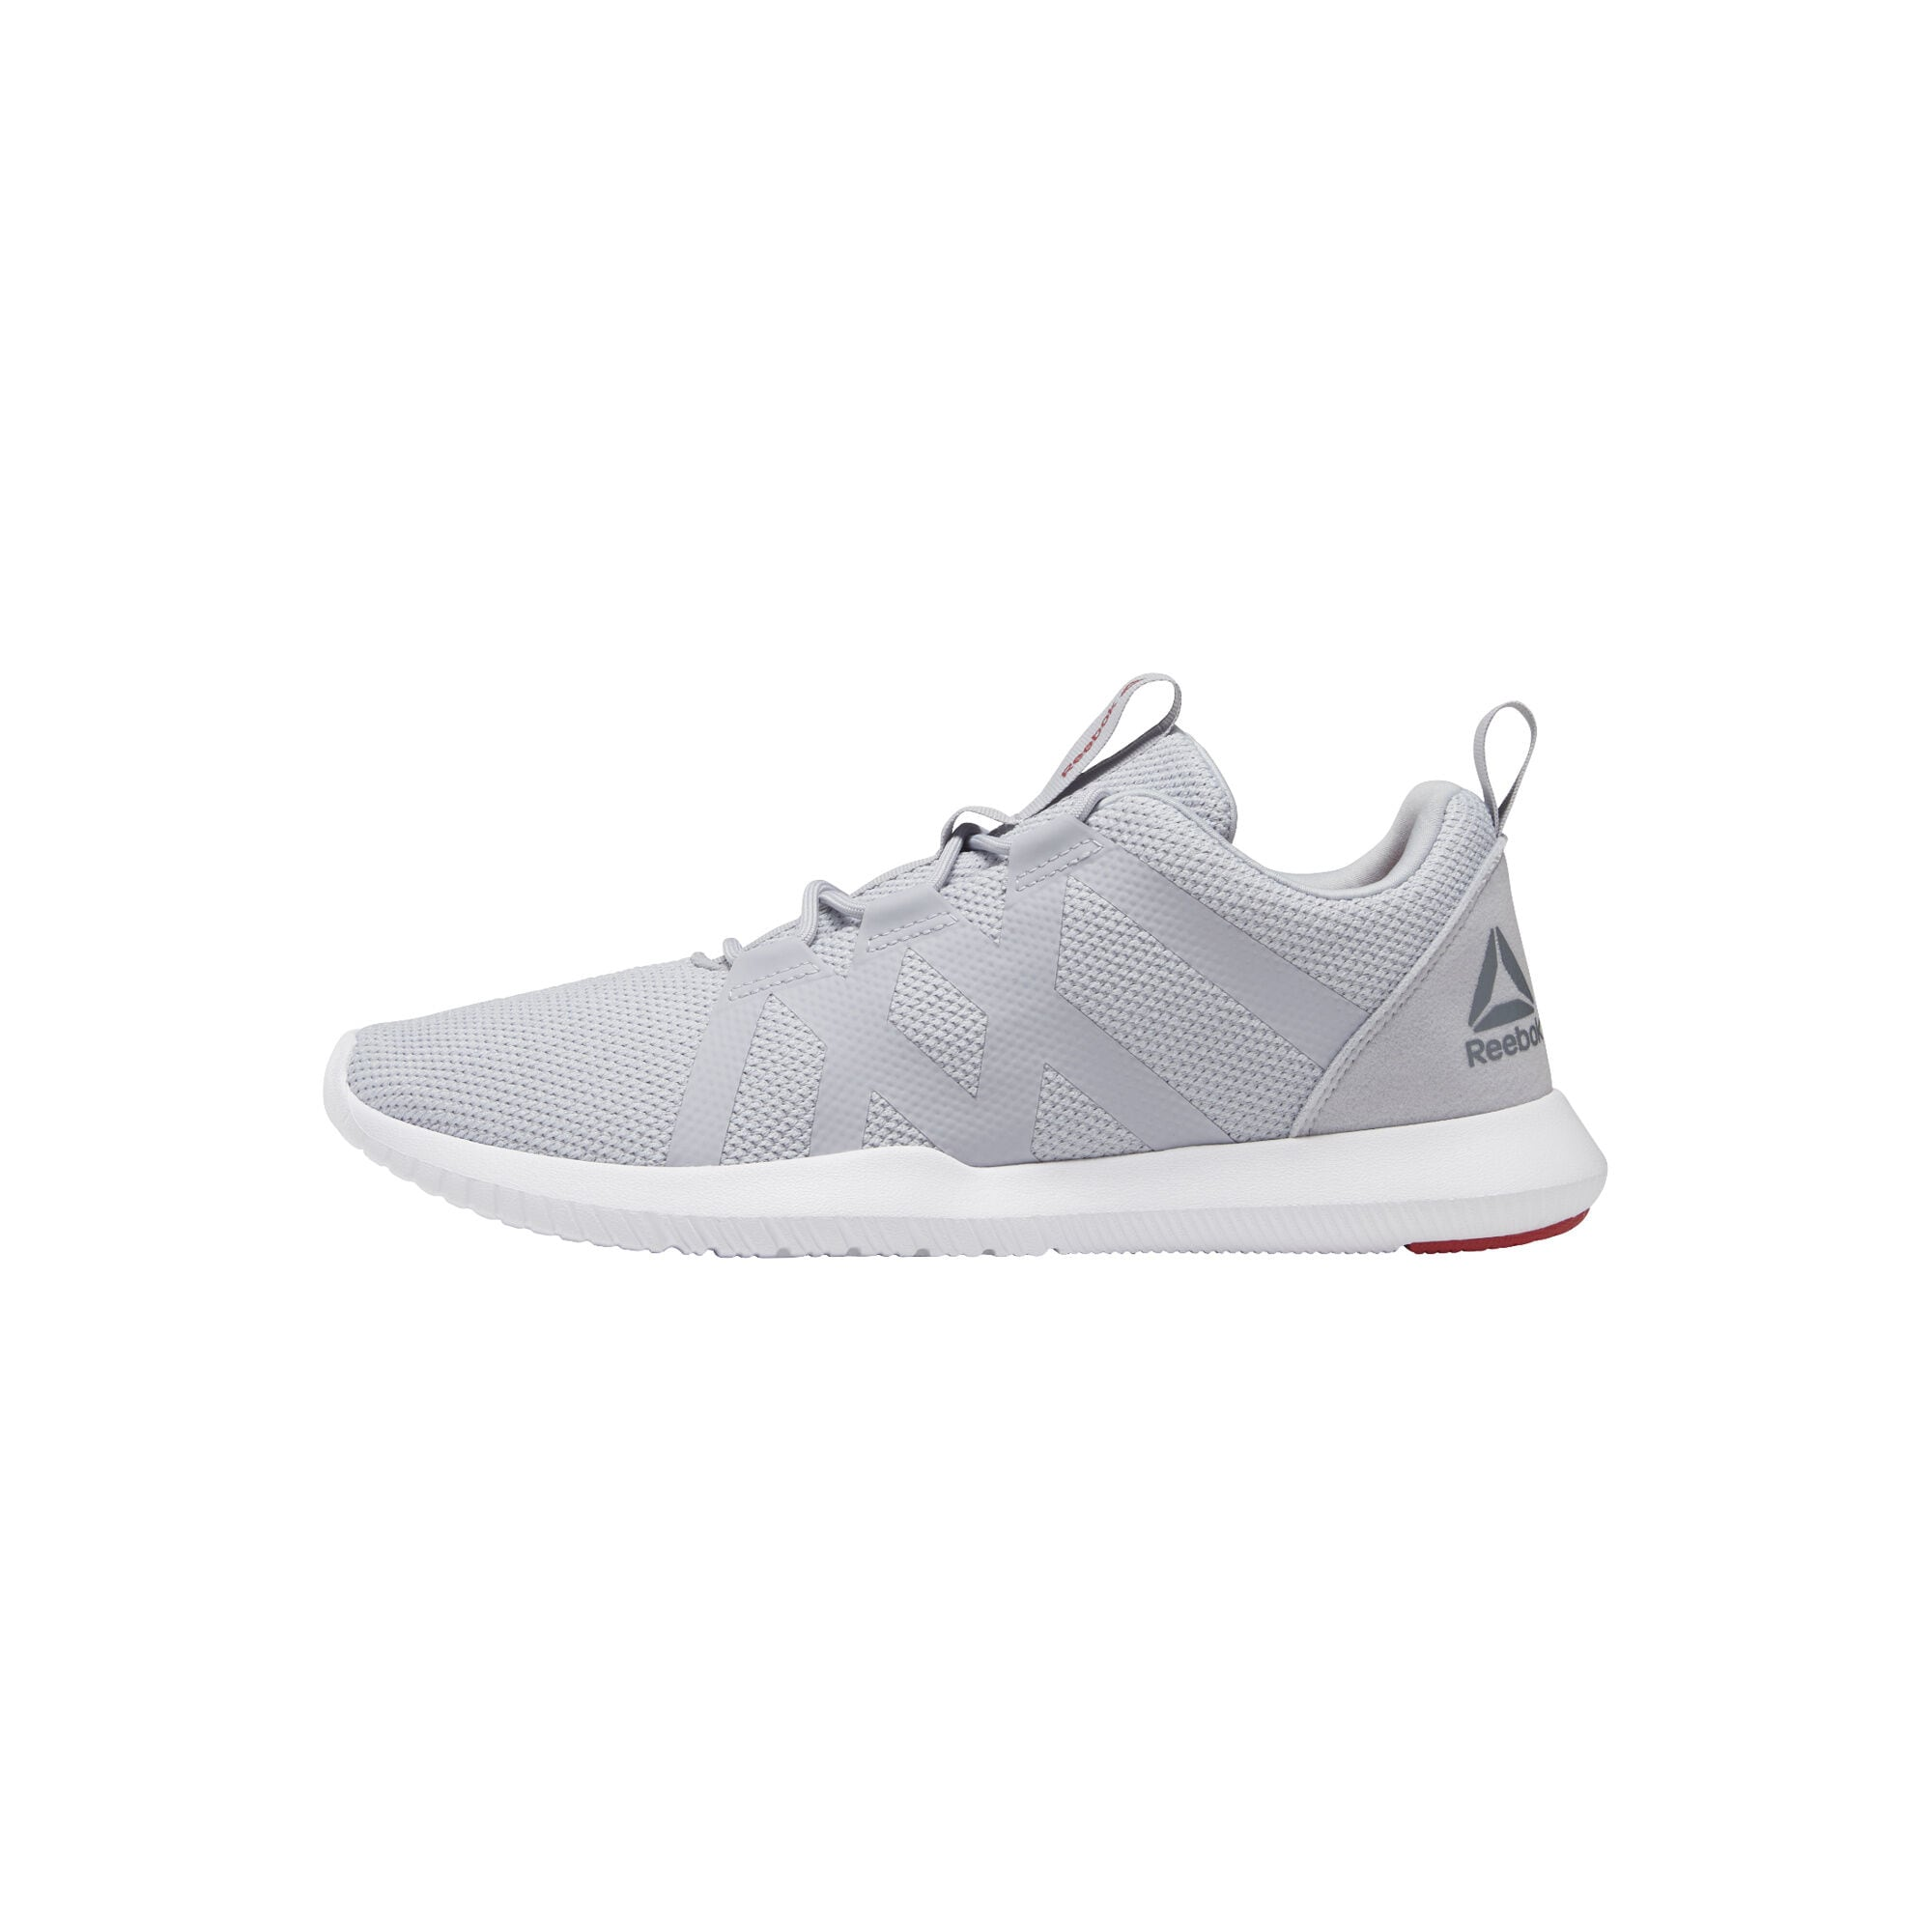 Fitnessschuhe | Schuhe > Sportschuhe | Reebok